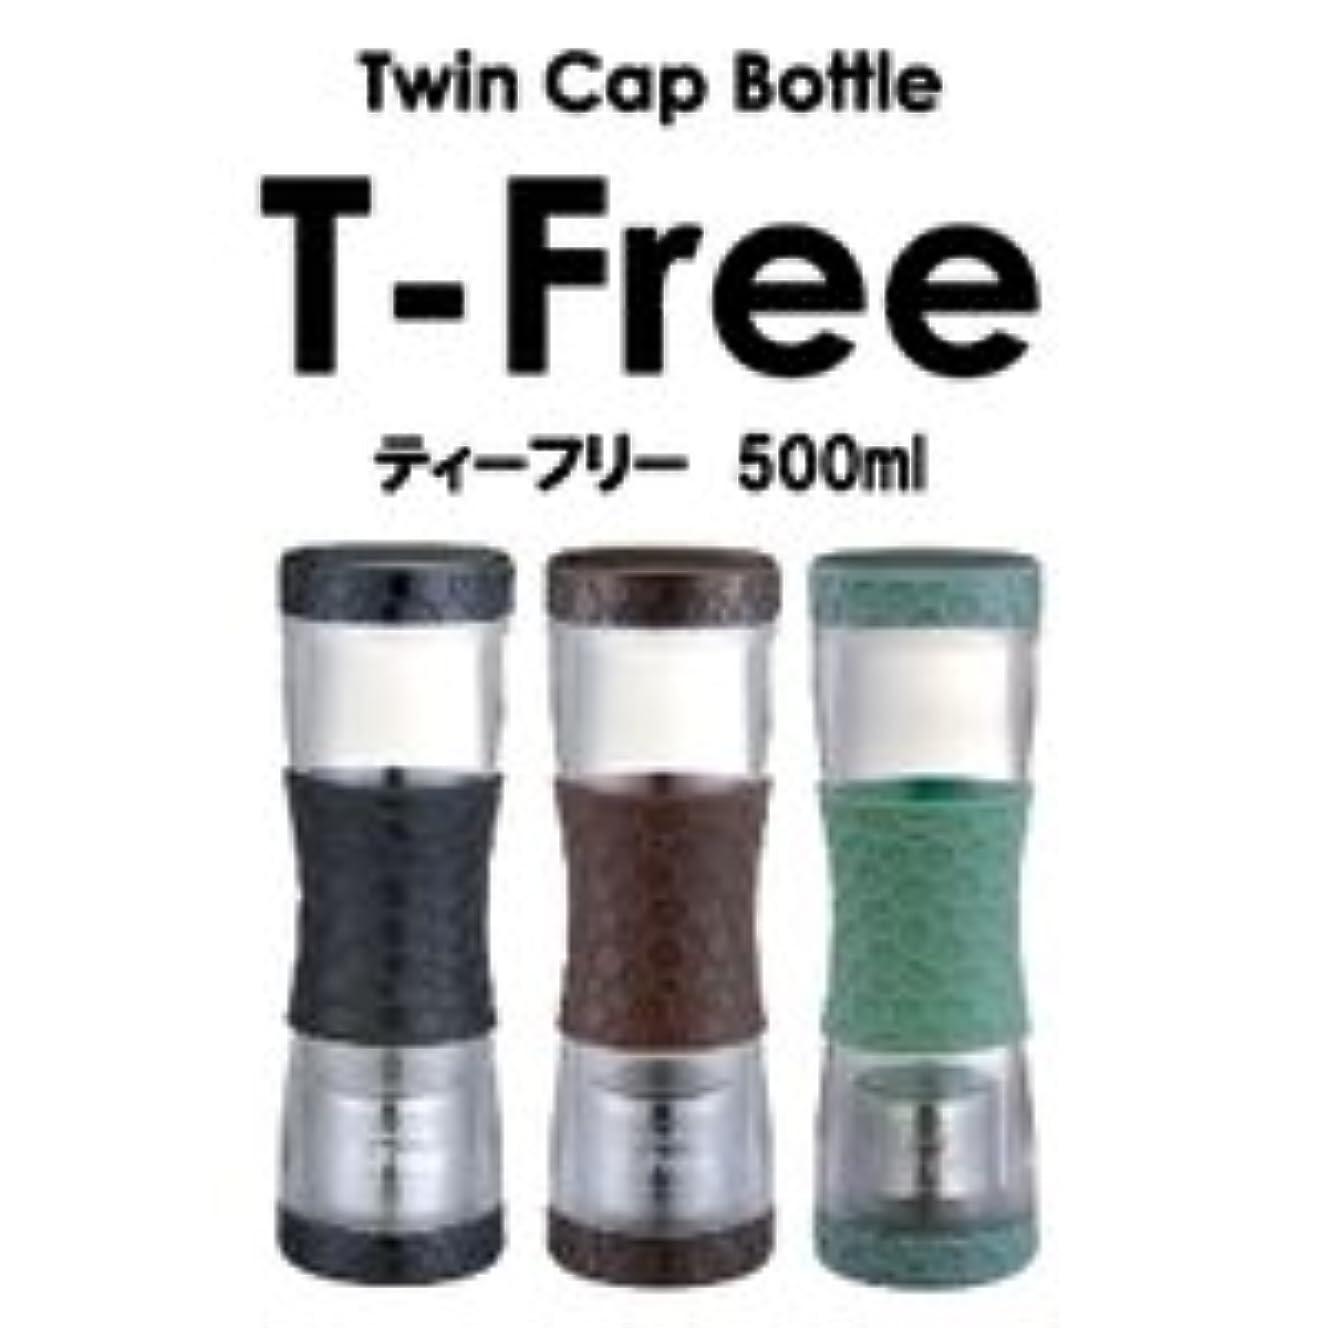 クラブ抽選考案するティーフリー500ml T-Free (カラー:グリーン) ※使い方自由なツインキャップボトル